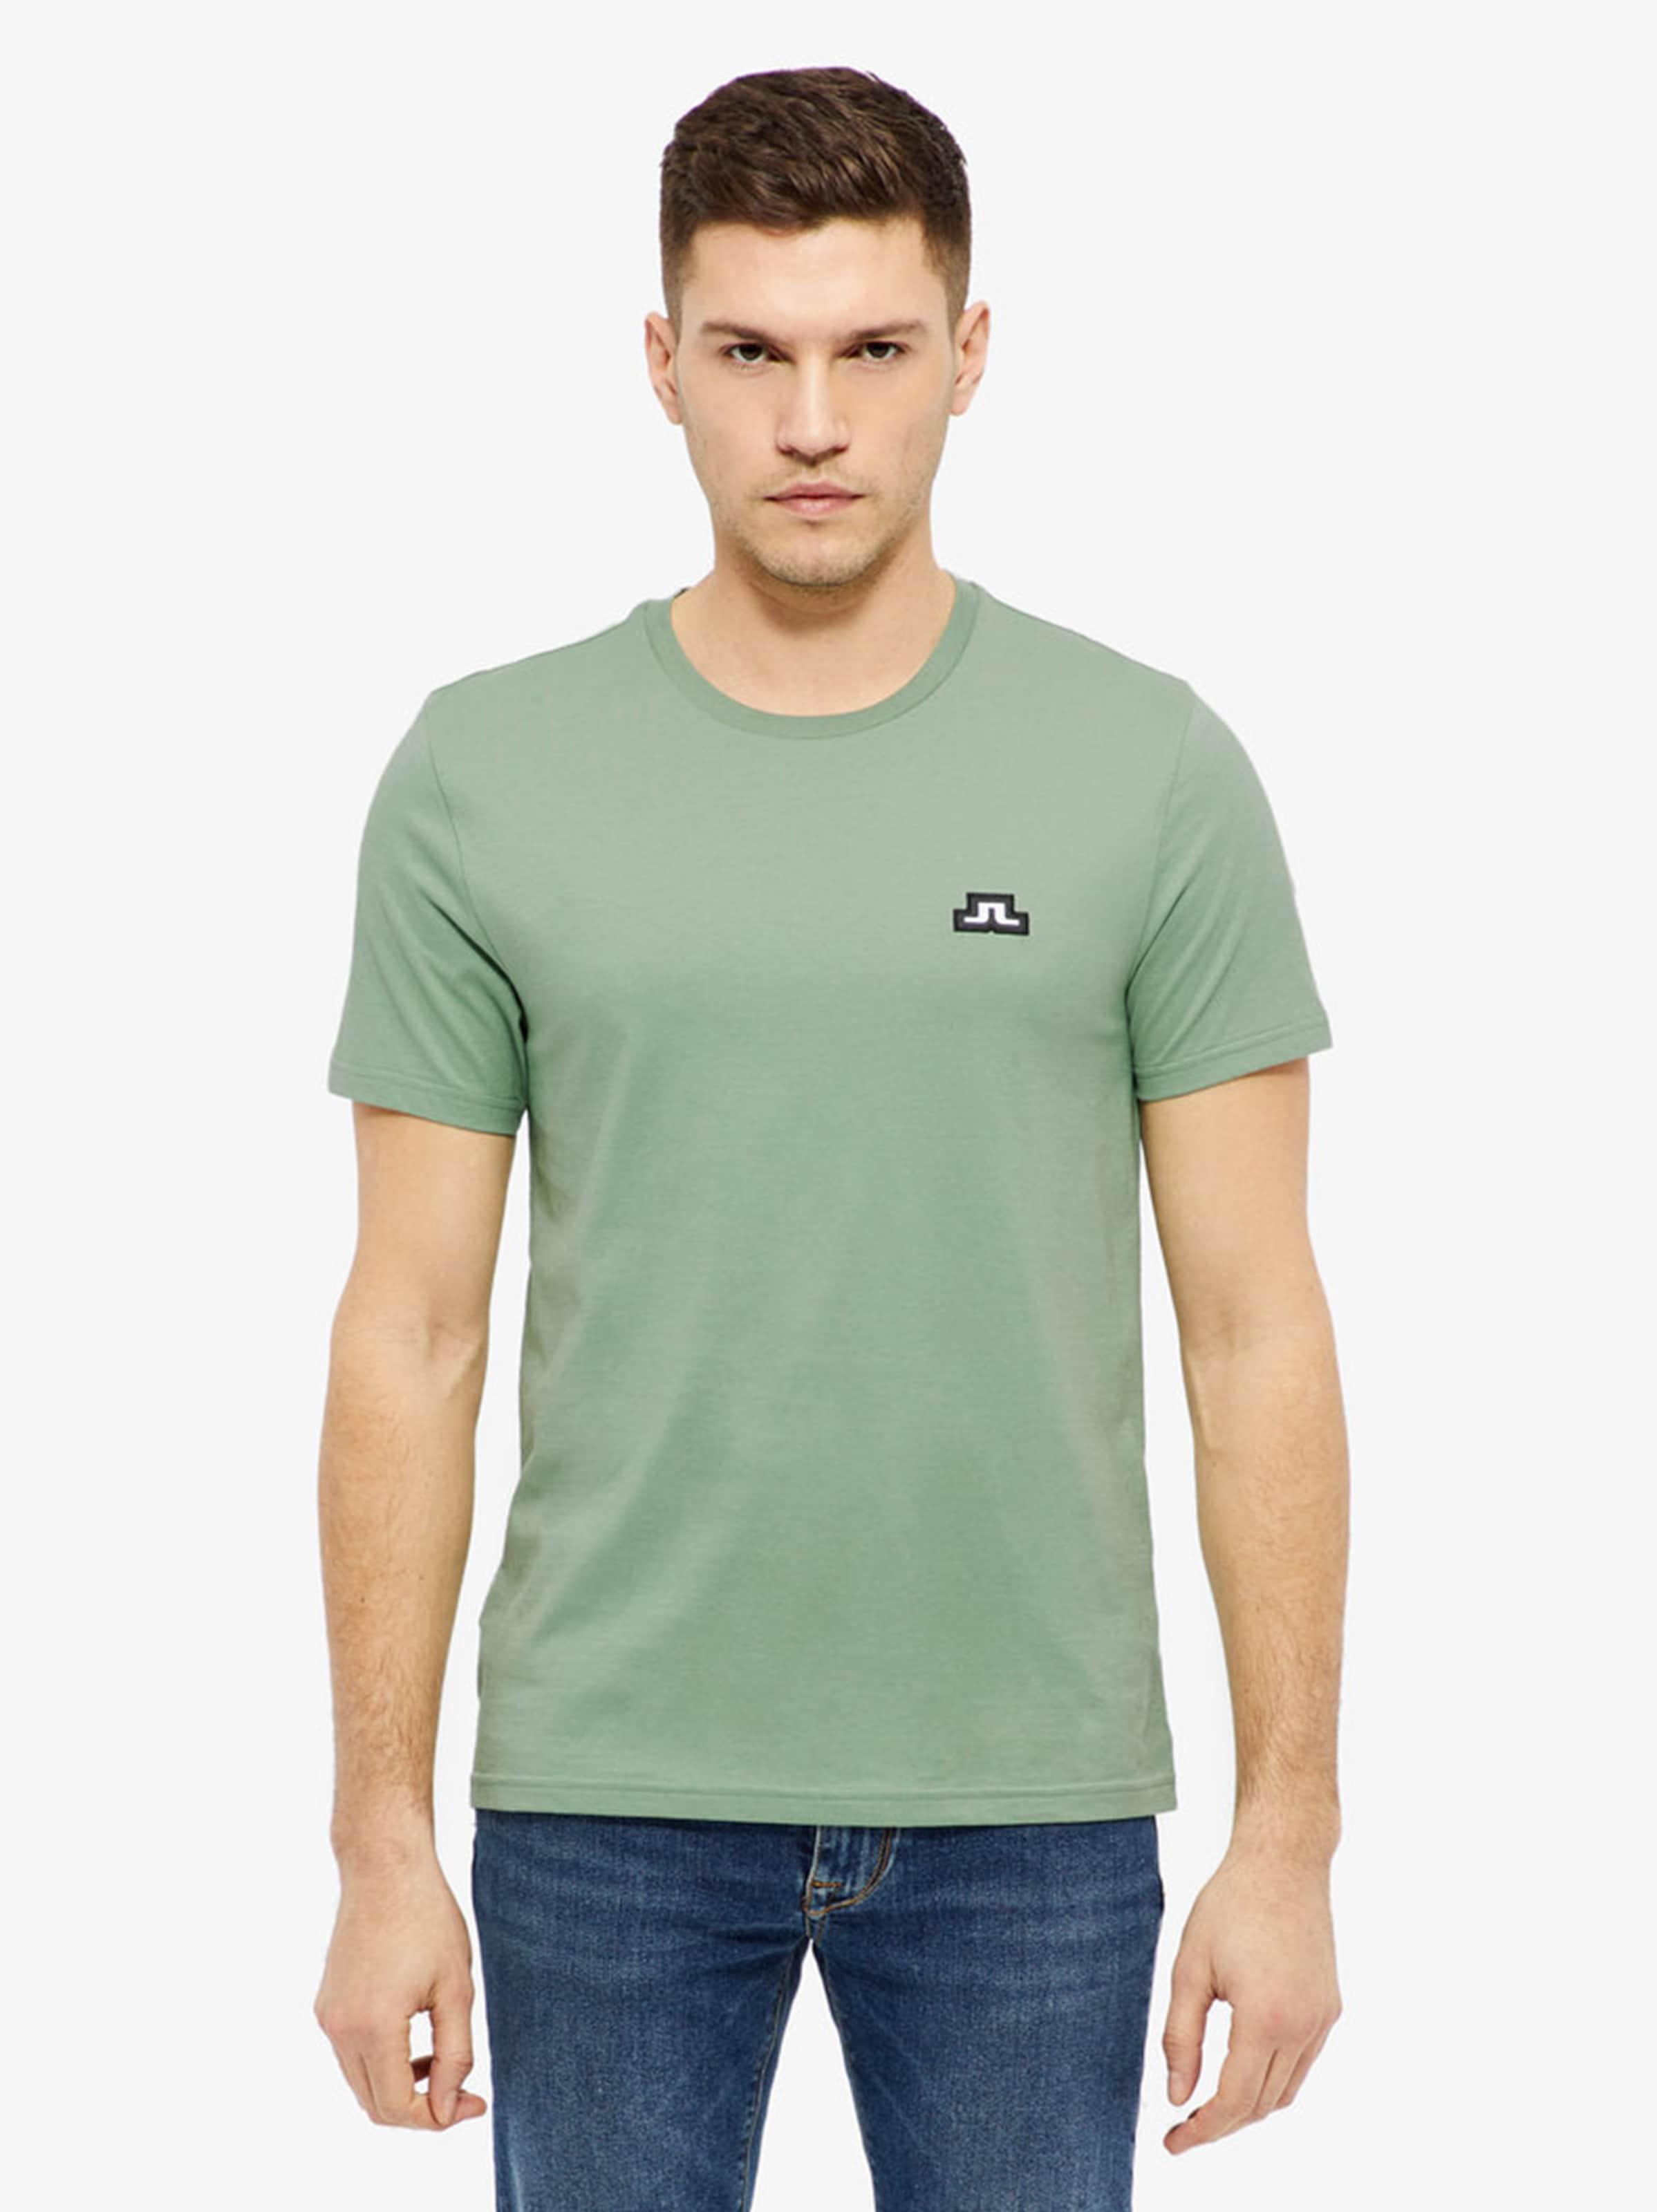 Rabatt Original J.Lindeberg T-Shirt 'Bridge' Bekommen gZeUiiIk3